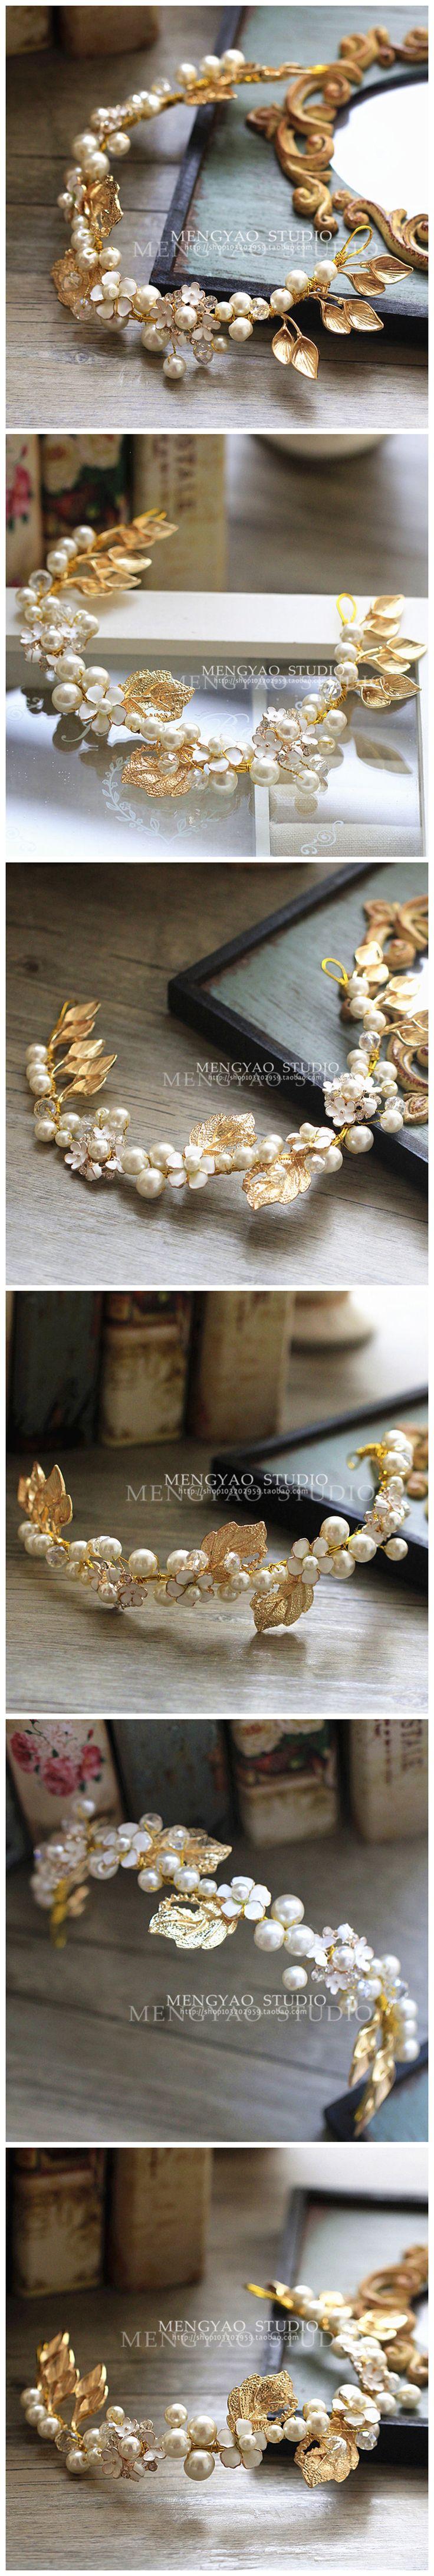 Мэн Яо невесты свадебный головной убор аксессуары для волос корейский ленты для волос заставку ручной работы Свадебные украшения Свадебные аксессуары стиль - Taobao